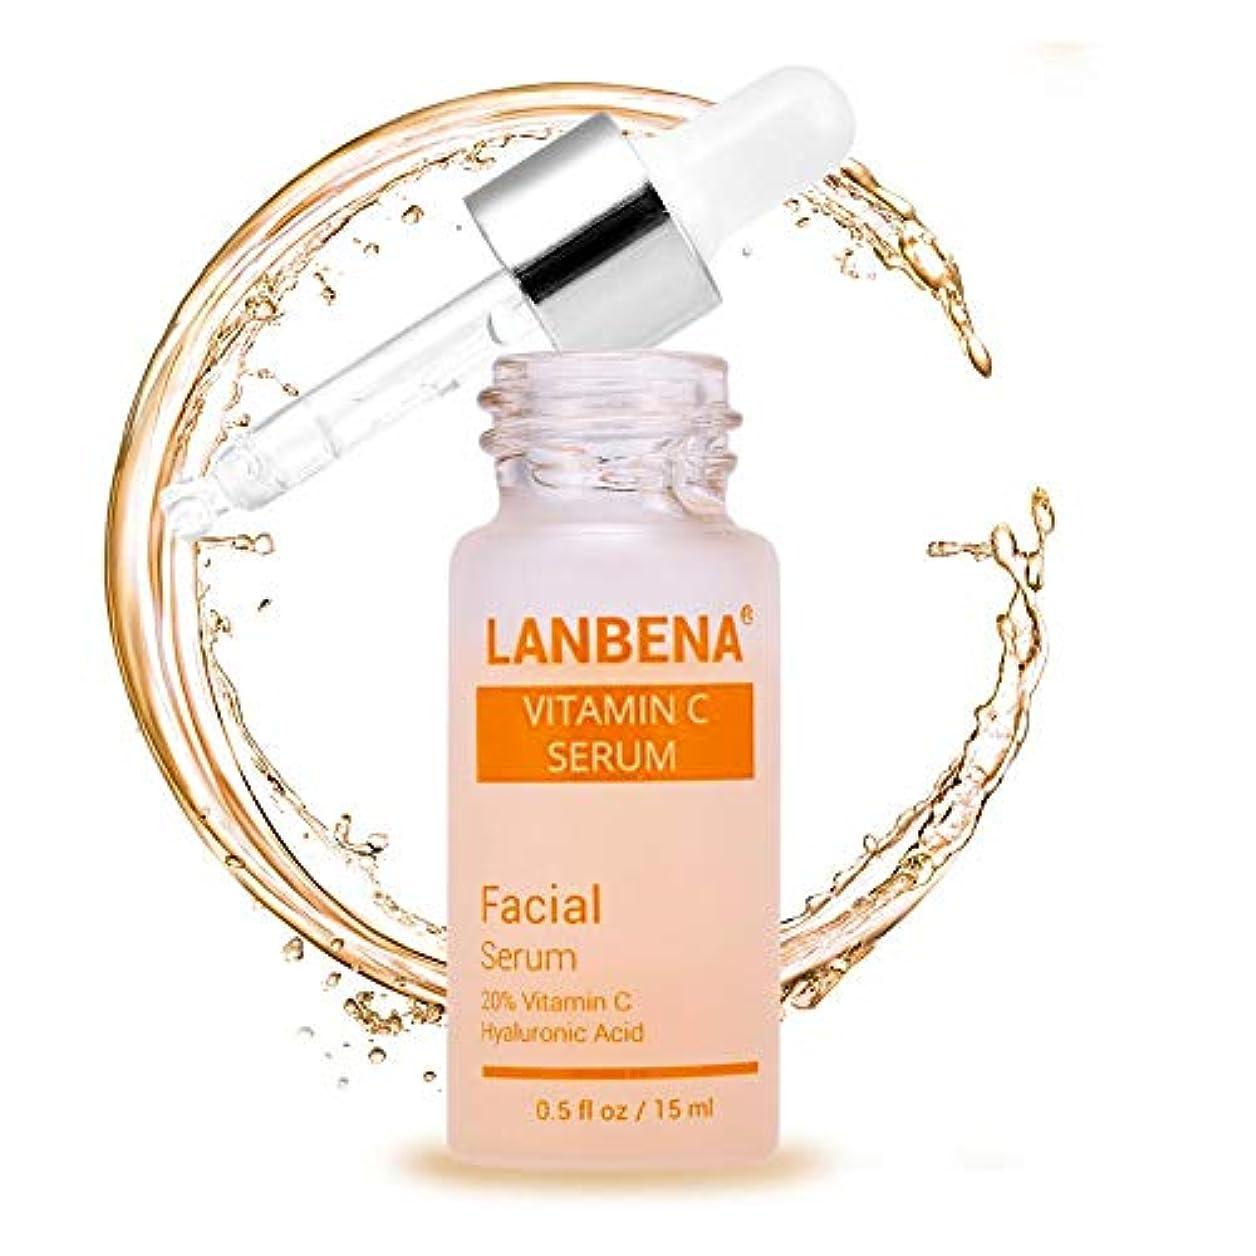 はさみ半径先のことを考えるSemmeのビタミンCの顔の血清は女性のための保湿の本質の反肌のリラクゼーション及び反しわのクリームを白くすることをそばかすを減らすのを助けます